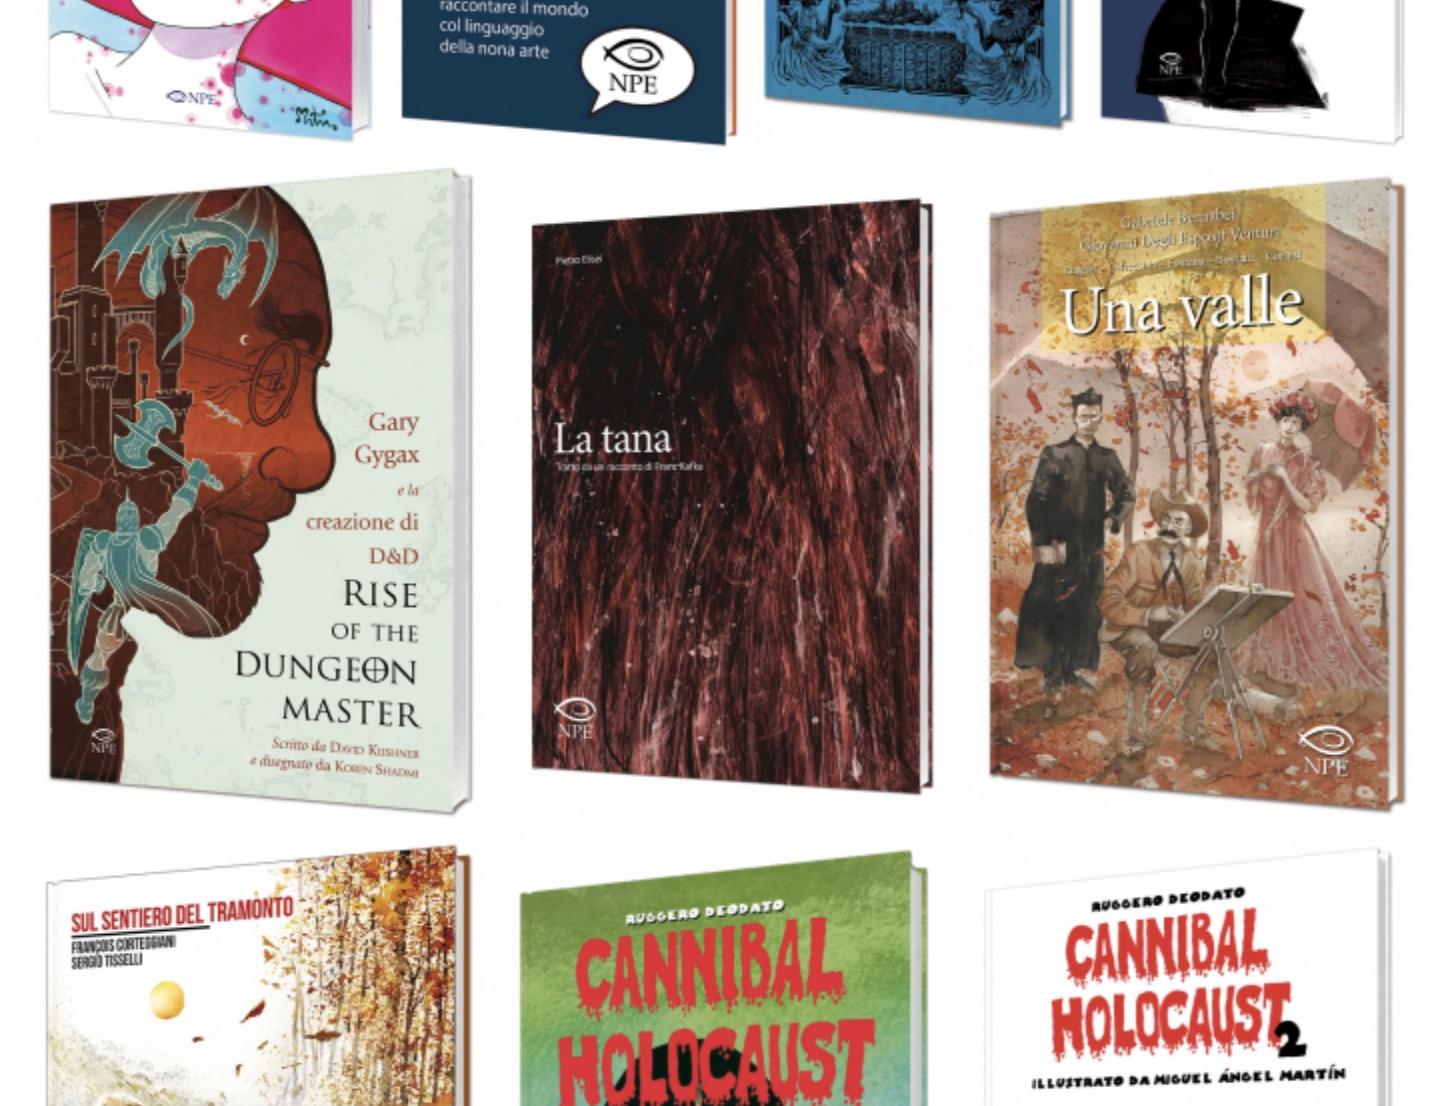 Rise of the Dungeon Master, Cannibal Holocaust 2, Bob Dylan e tutte le altre novità di Edizioni NPE a Lucca Comics & Games 2018